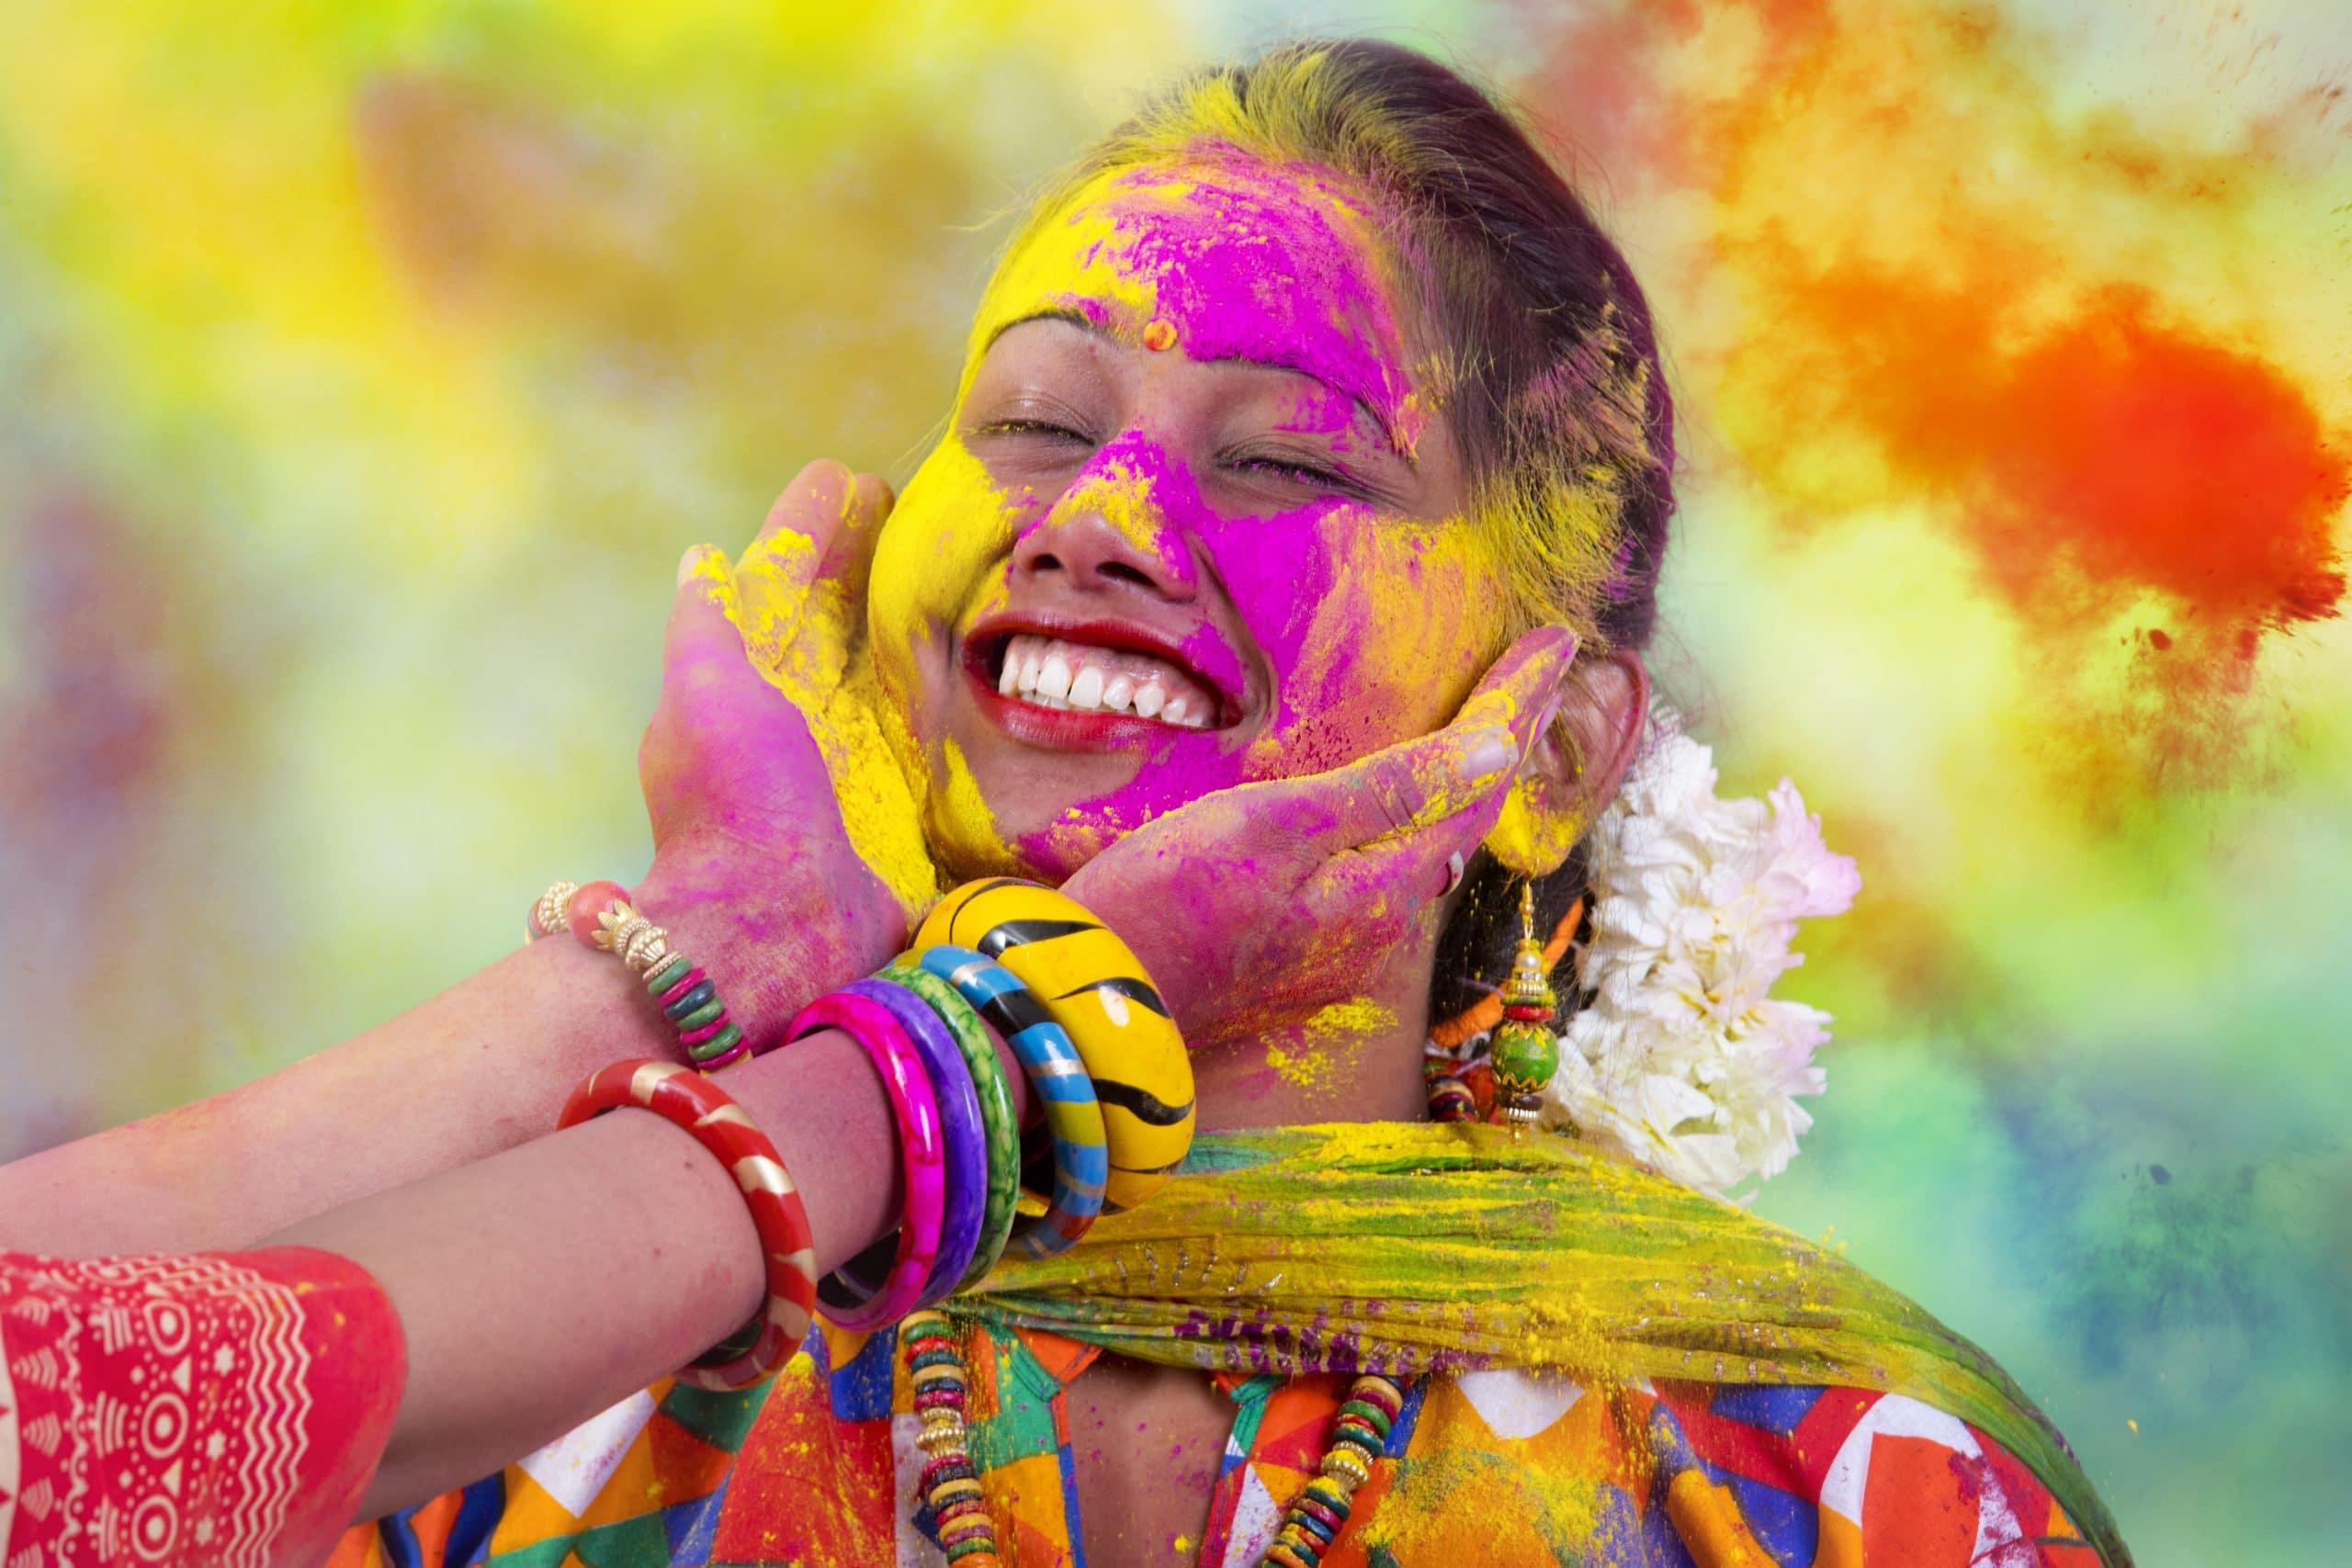 Farben & Frühling: 19 bunte Bilder vom Holi Festival in Indien